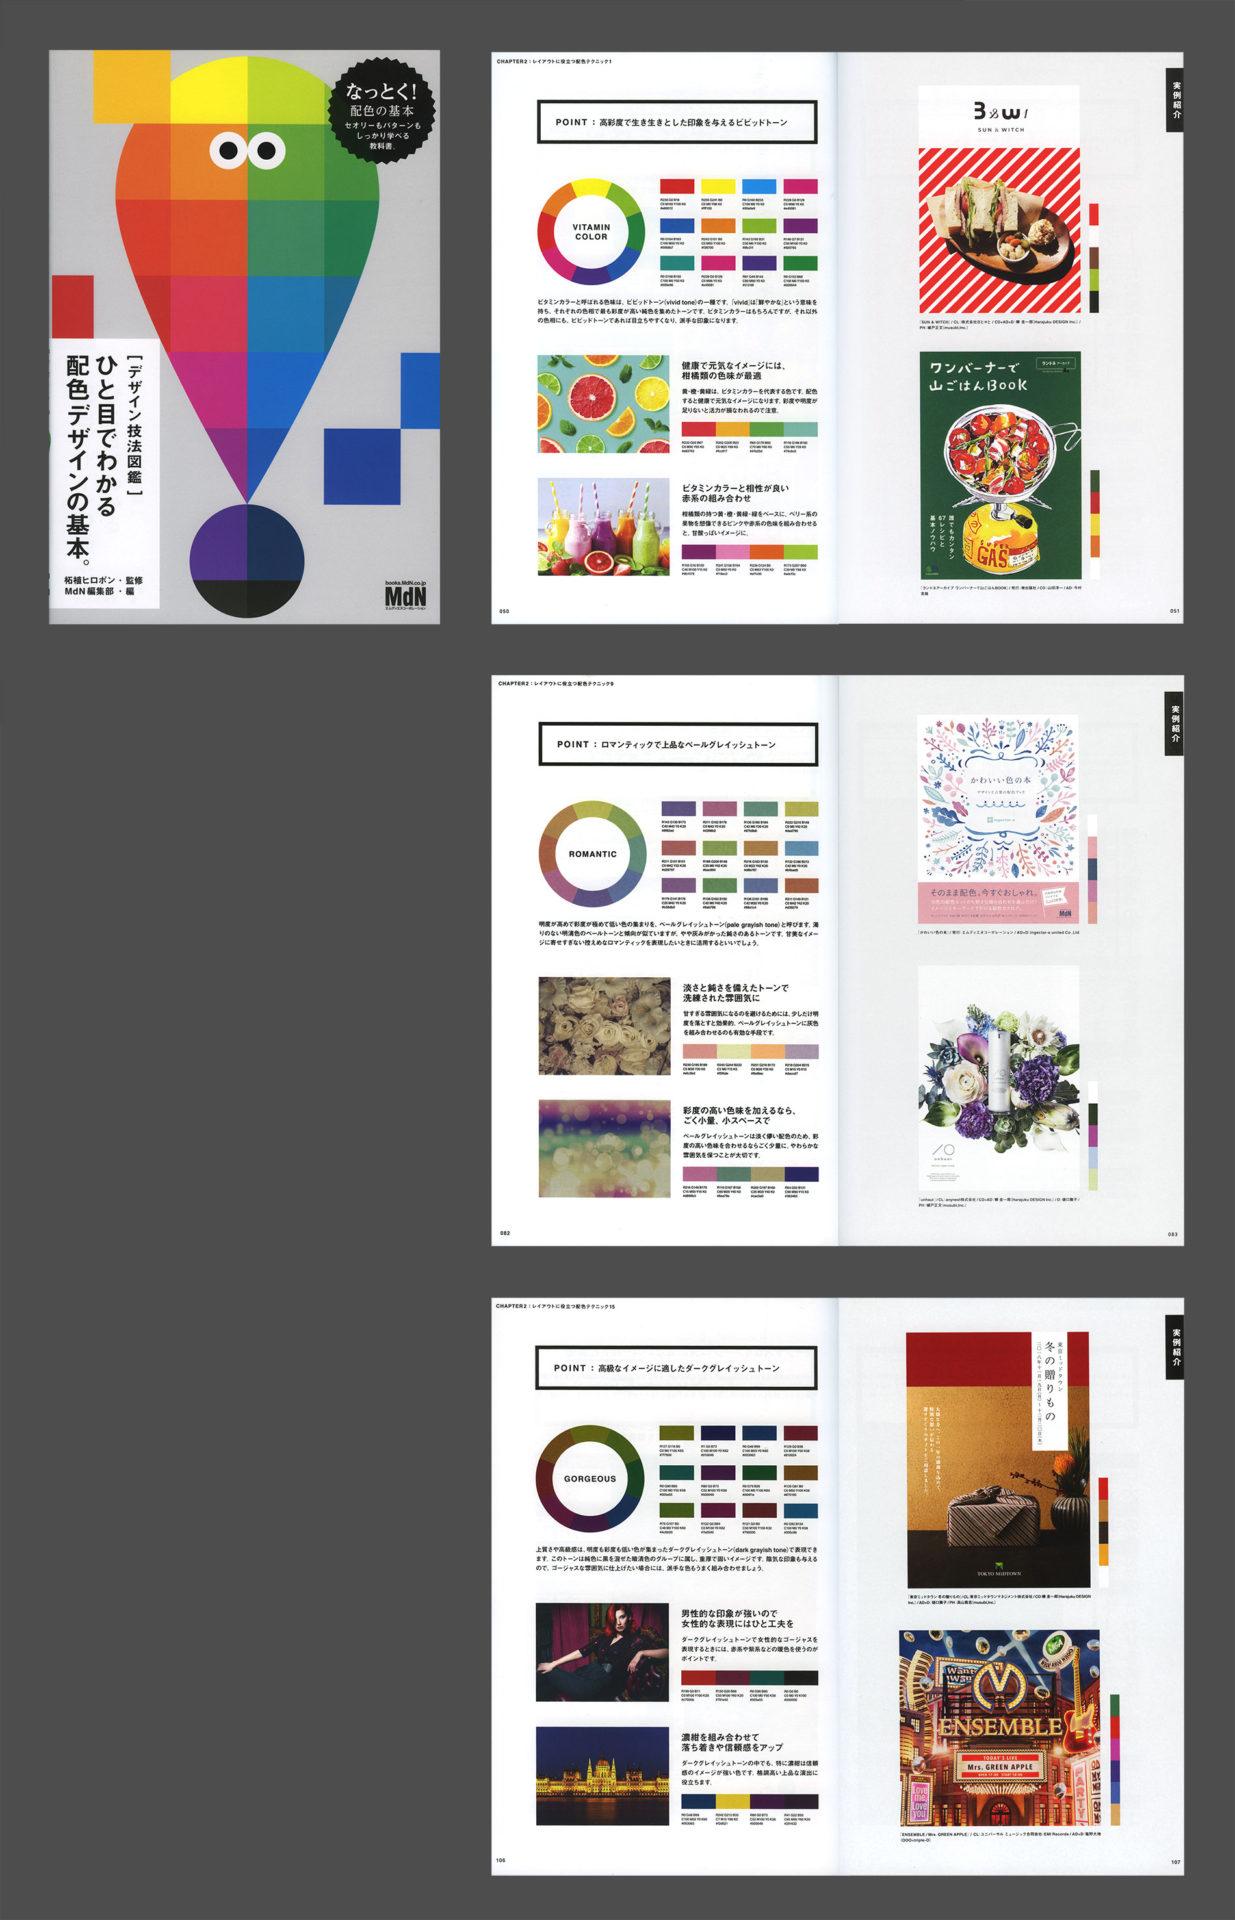 デザイン技法図鑑ひと目でわかる配色デザインの基本。